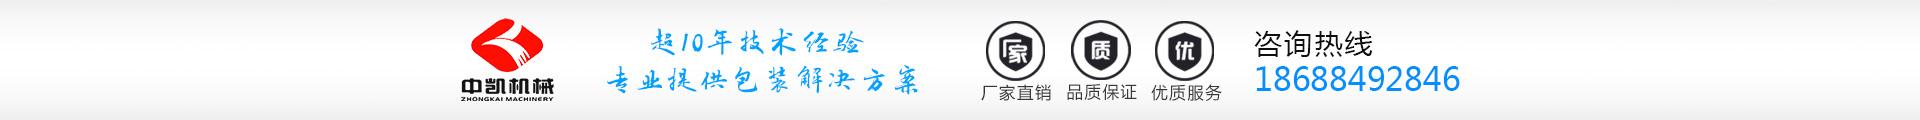 广州市中凯包装  设备有限公司